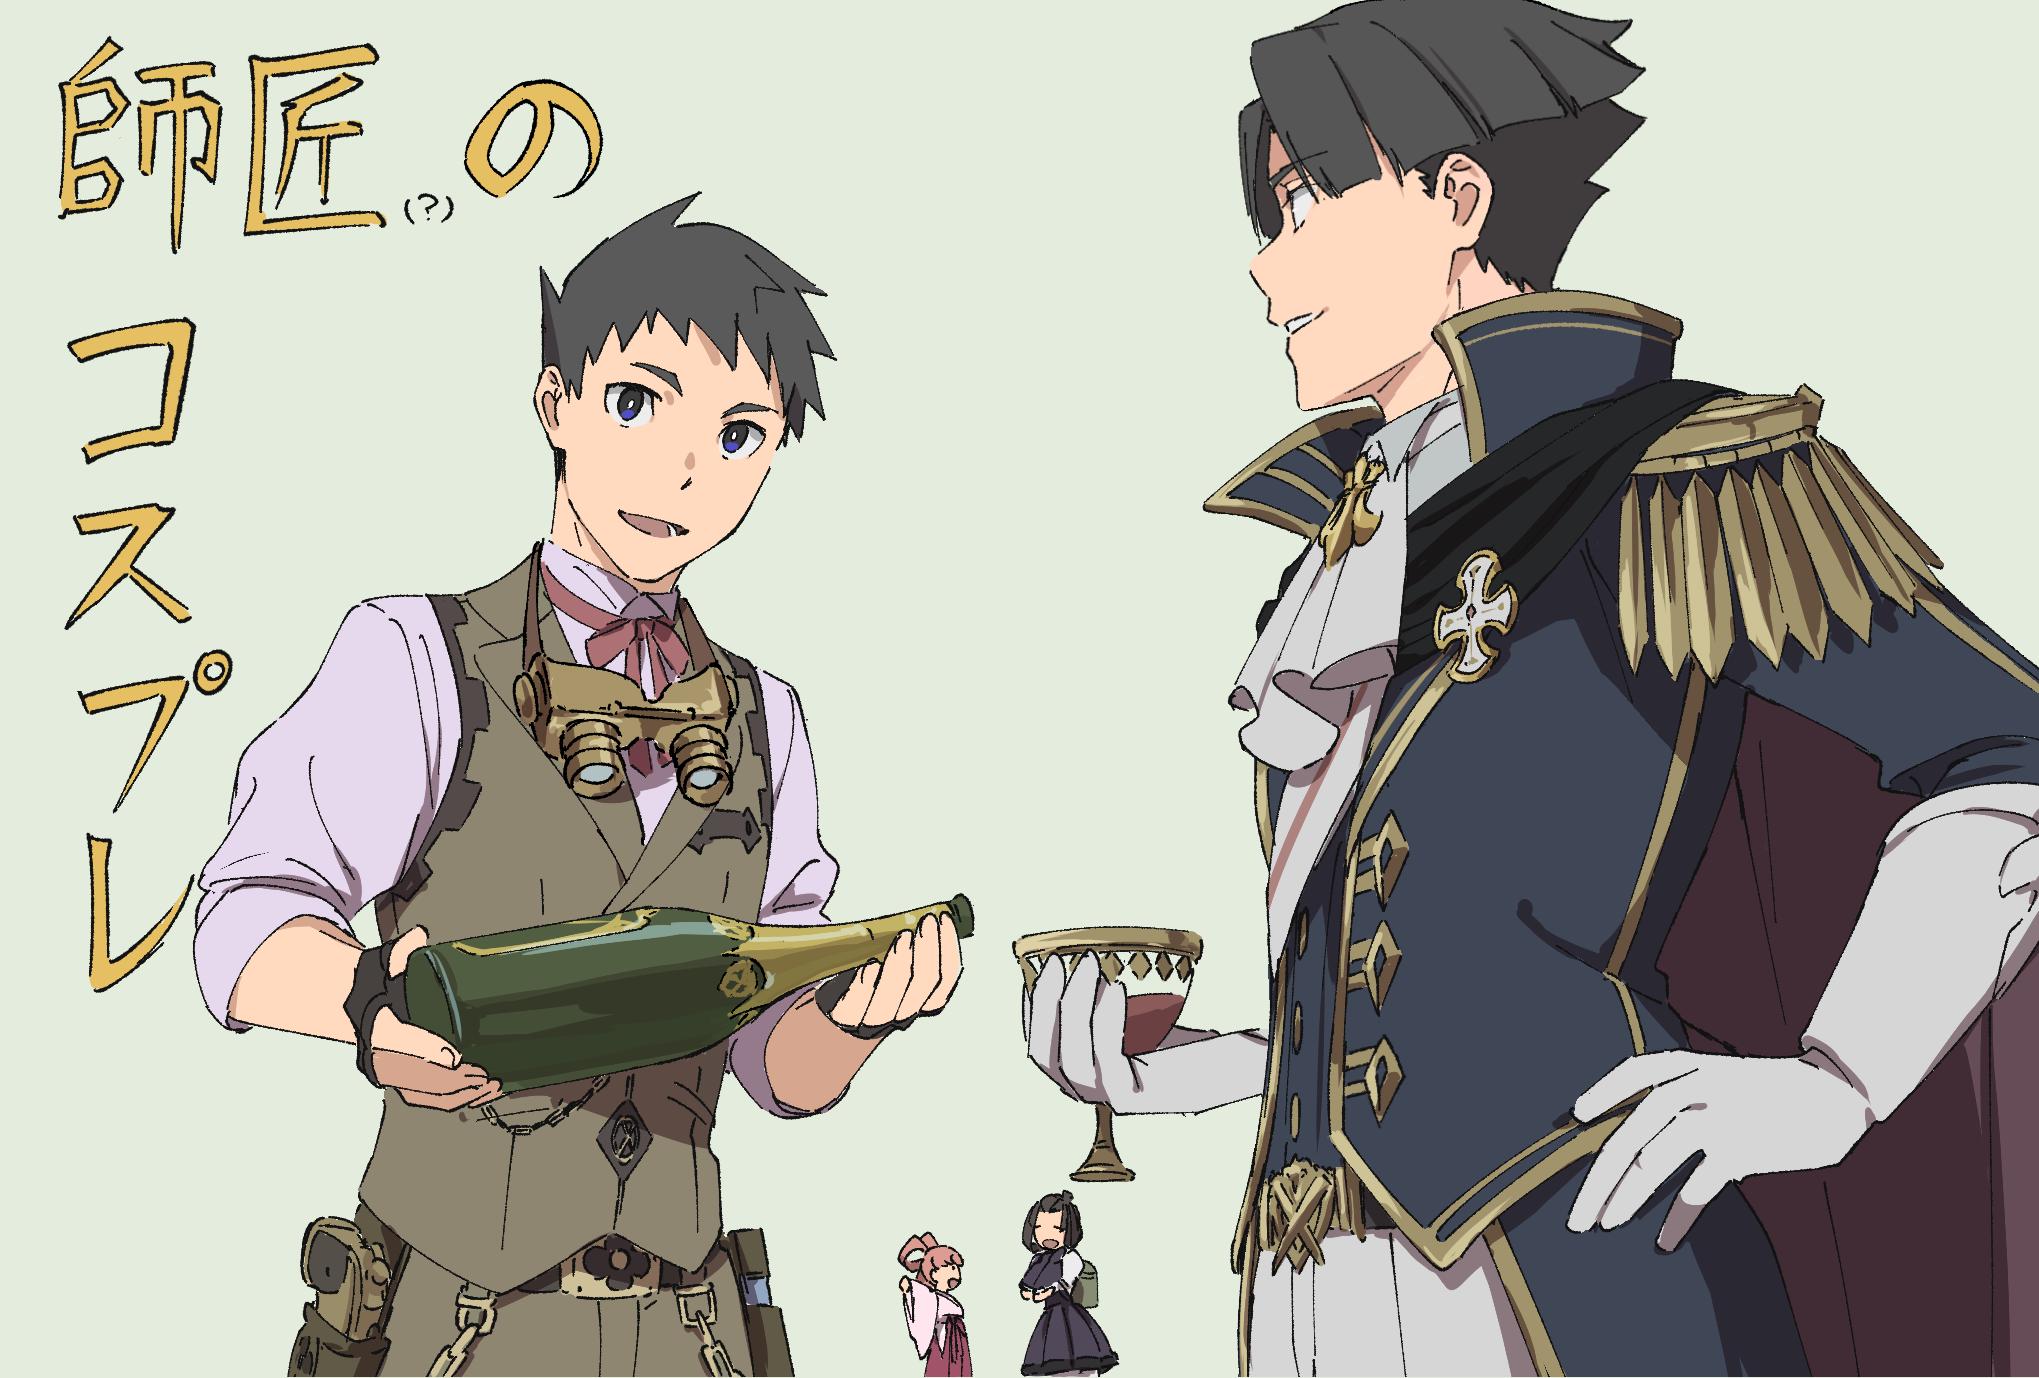 Dai Gyakuten Saiban Naruhodou Ryuunosuke No Bouken The Great Ace Attorney Pixiv Id 16938073 Phoenix Wright Ace Character Art